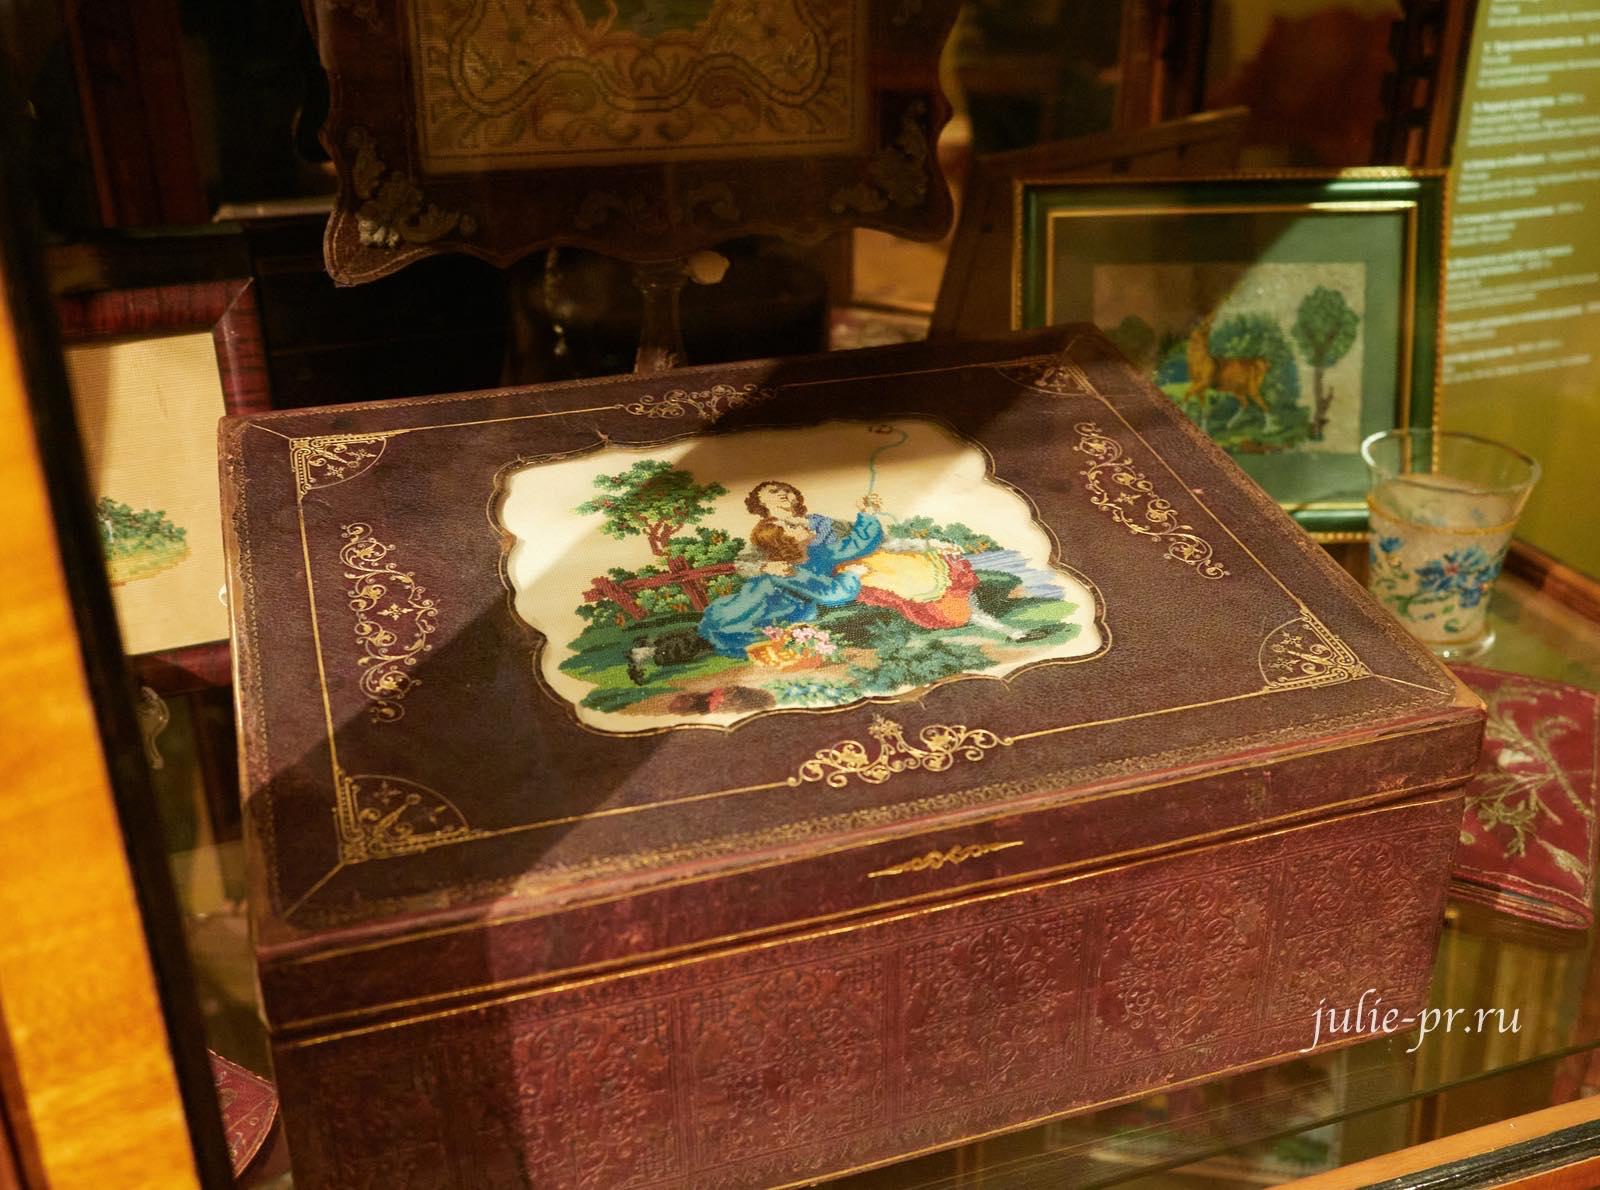 Дети и мотылёк, шкатулка для бумаг, вышивка богемским бисером по бумажной канве, выставка Старинные вышивки